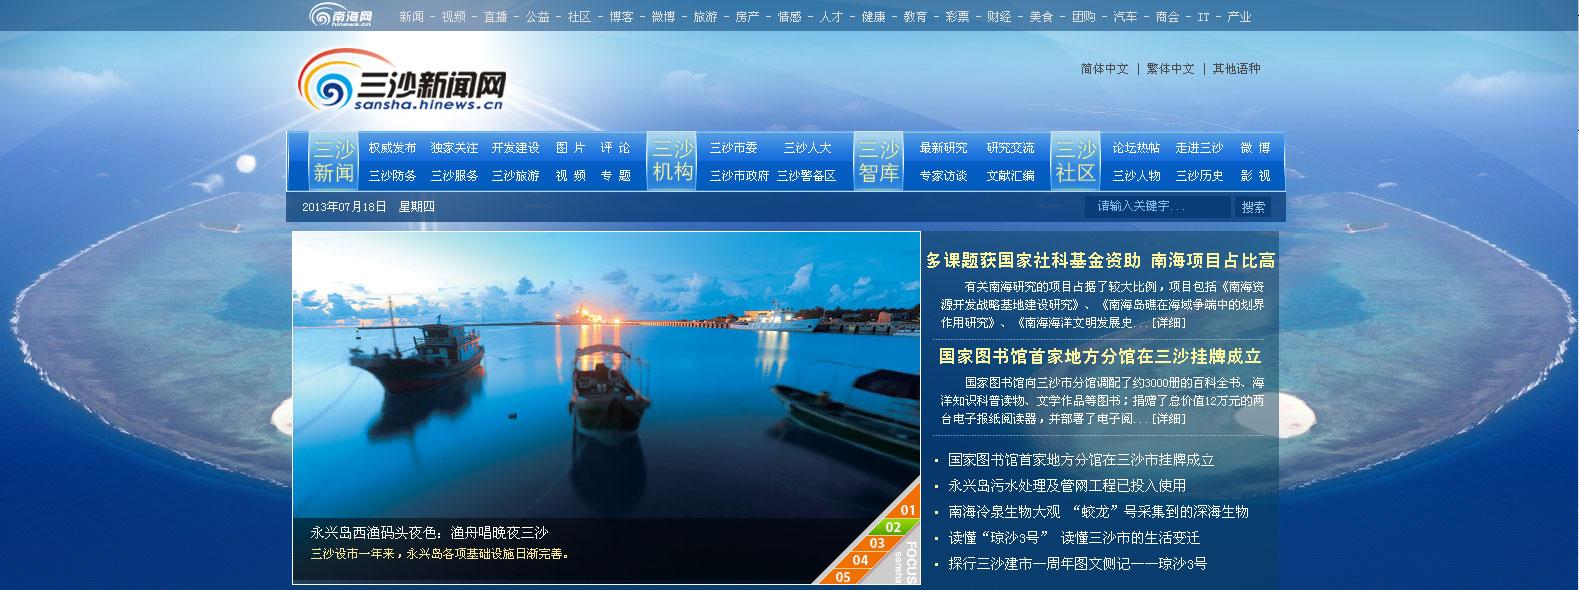 <b>三沙鸭公岛上渔民笑颜多:开办渔家乐发展旅游服务</b>